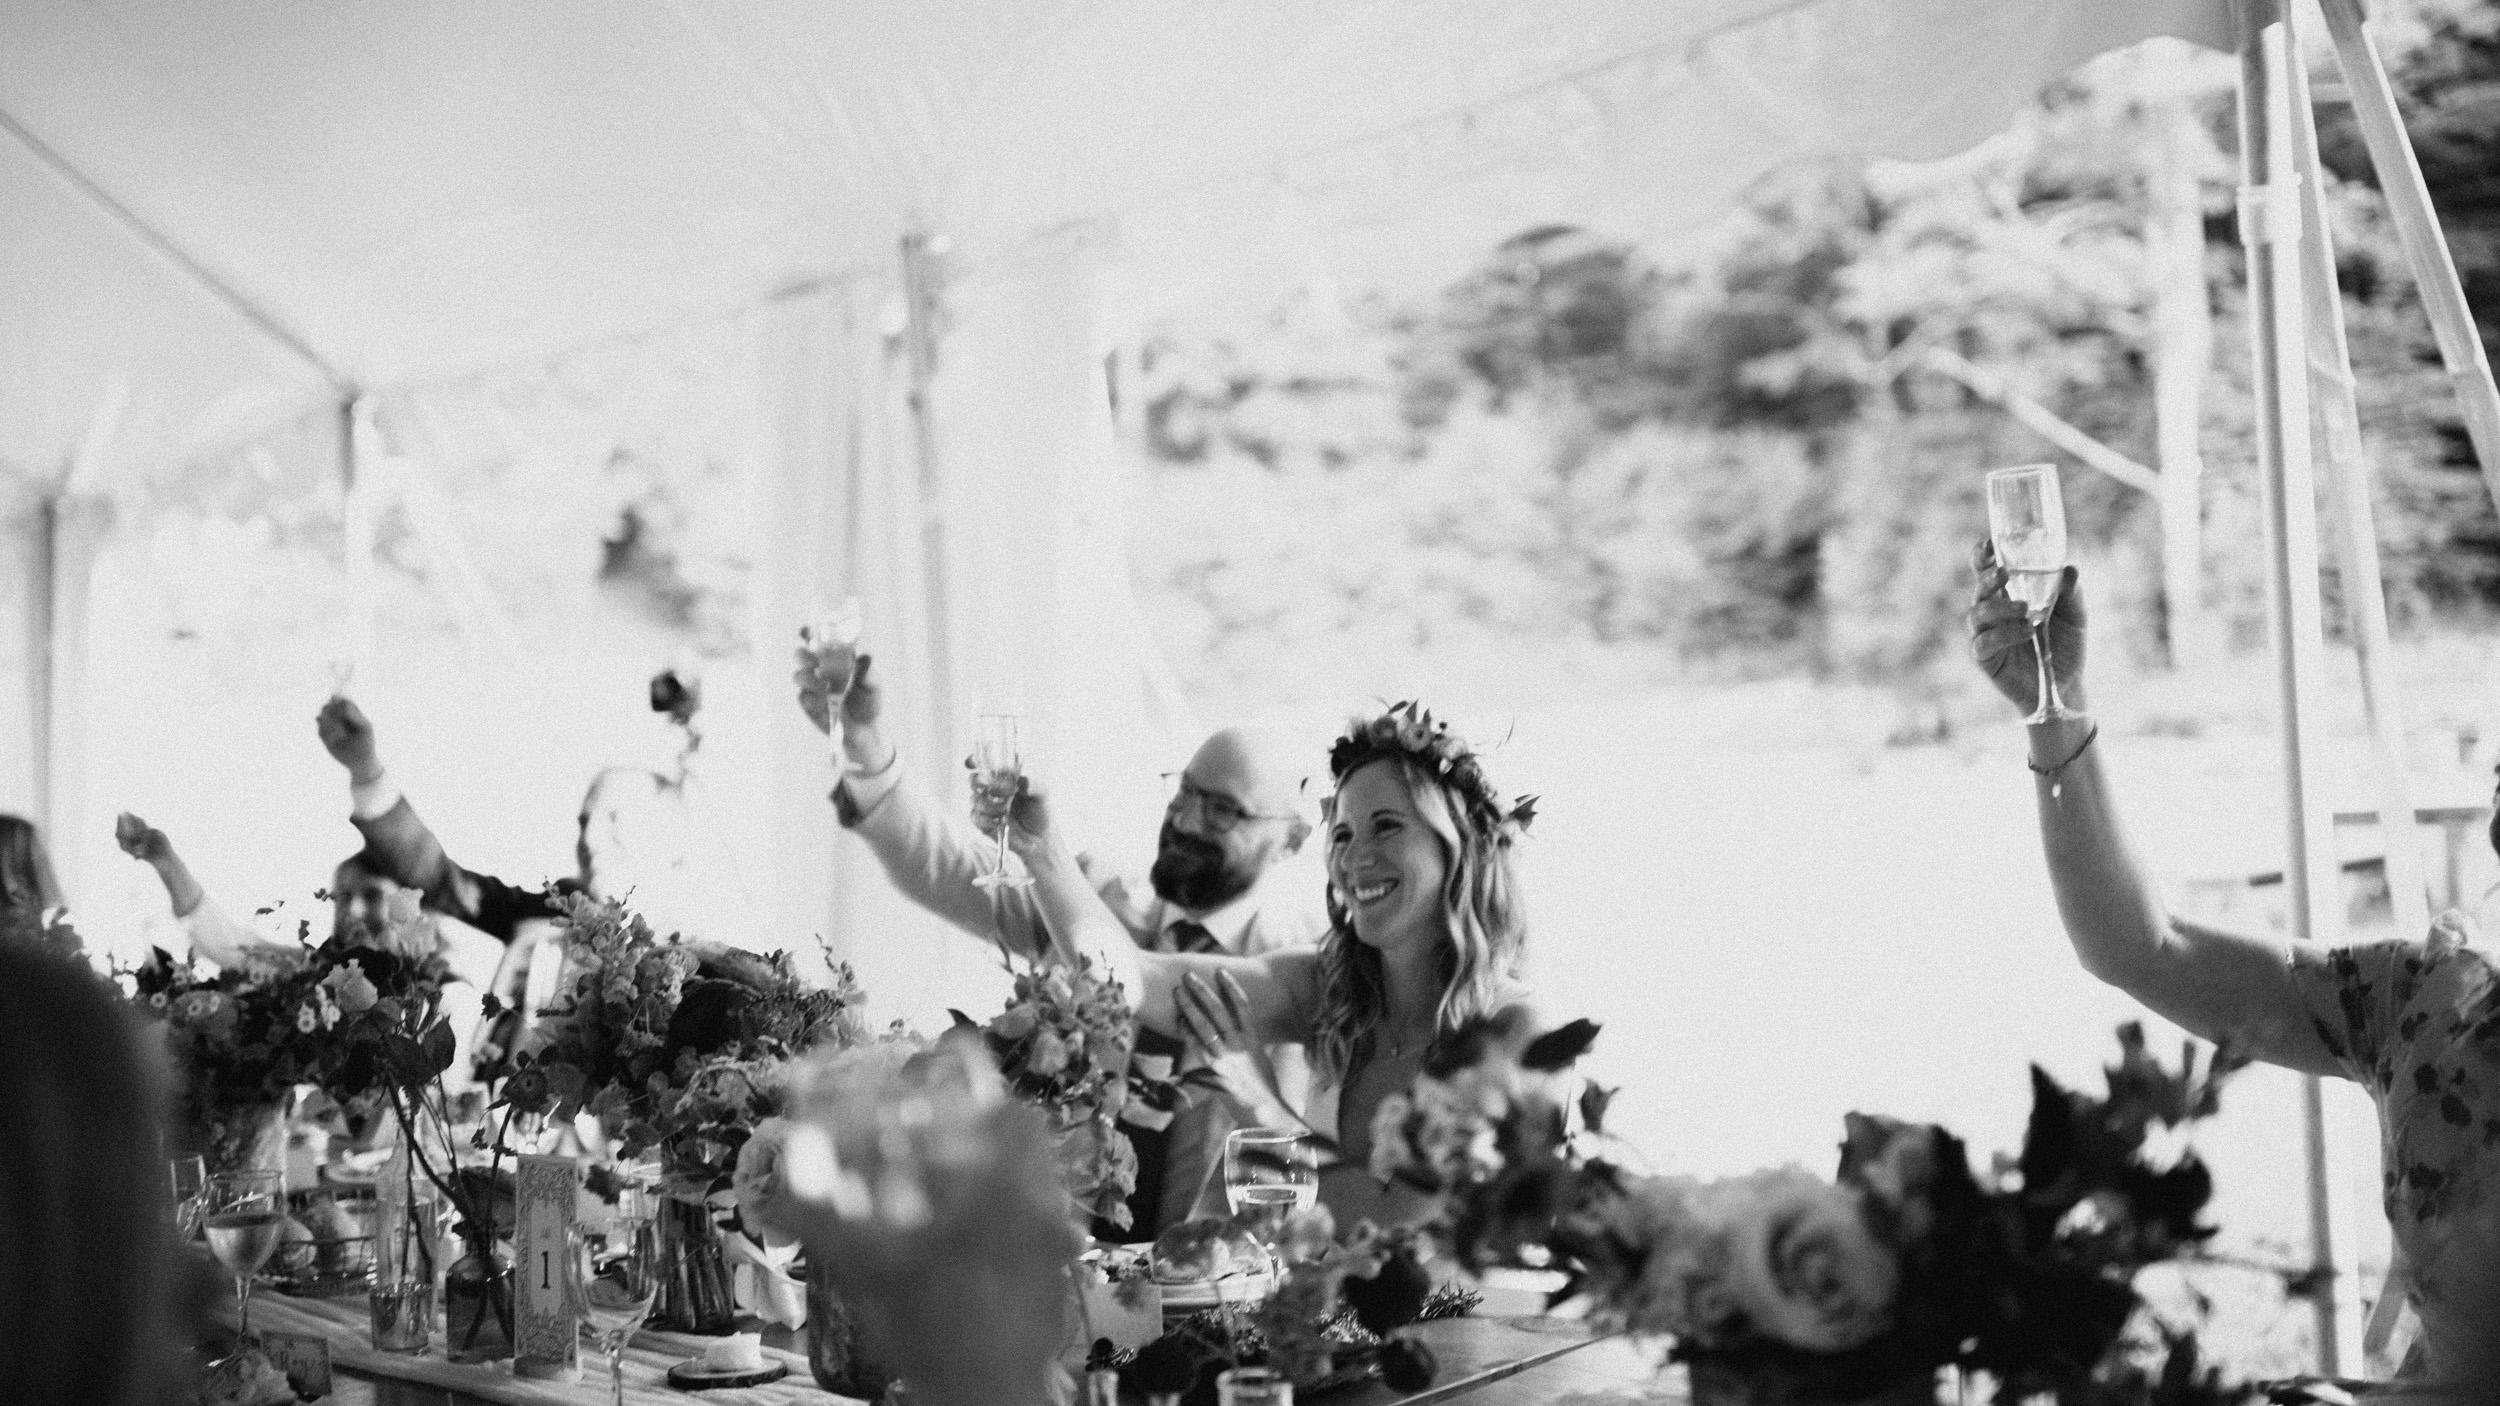 alec_vanderboom_vermont_wedding_photography-0107.jpg